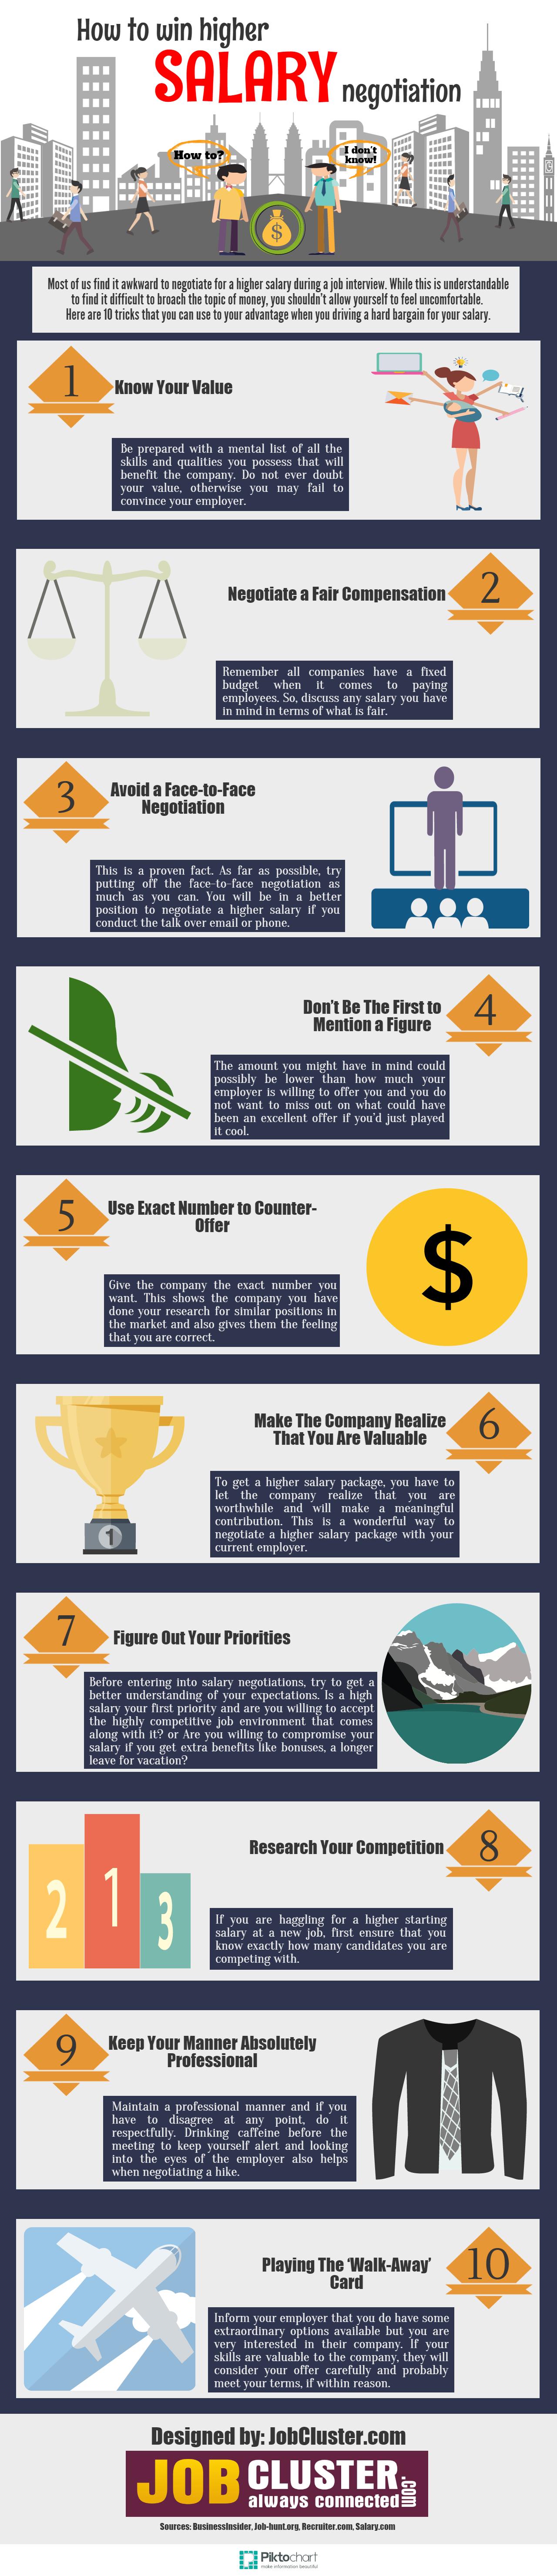 Java Developer Jobs : 10 Tricks to get a higher salary